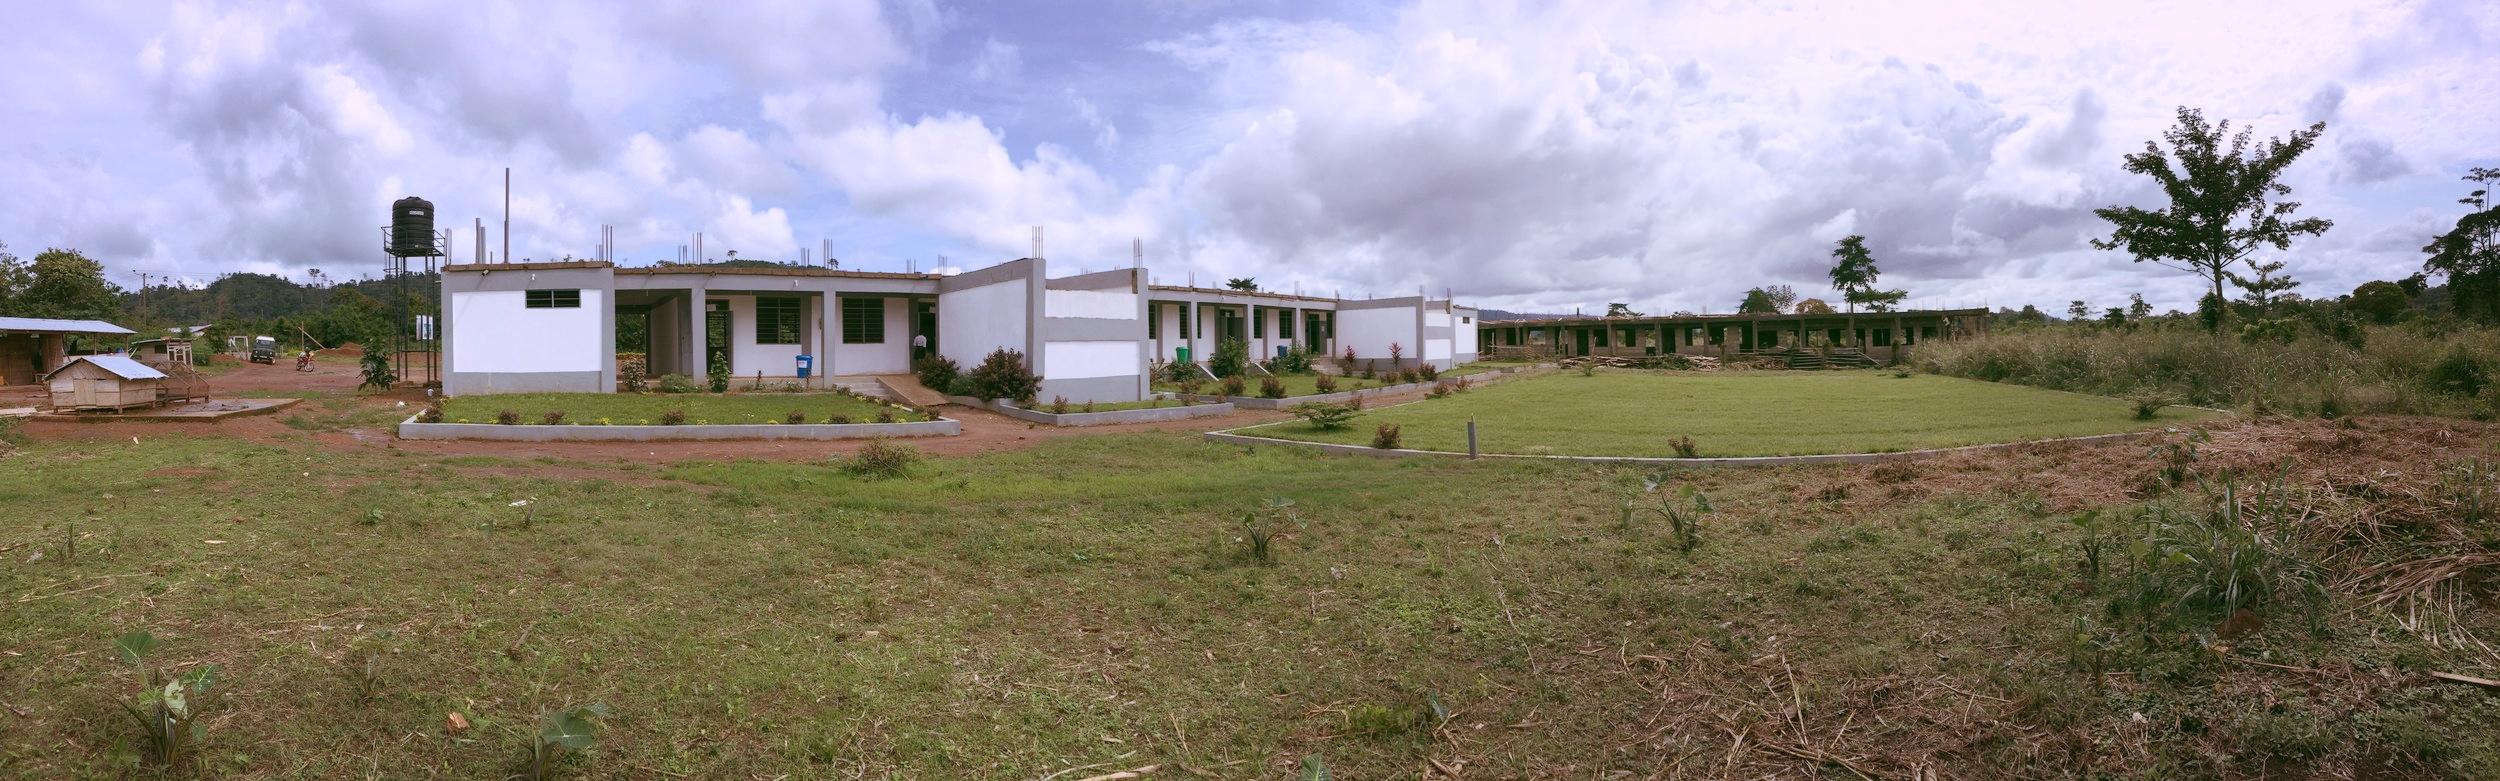 Panoramic of the school.JPG